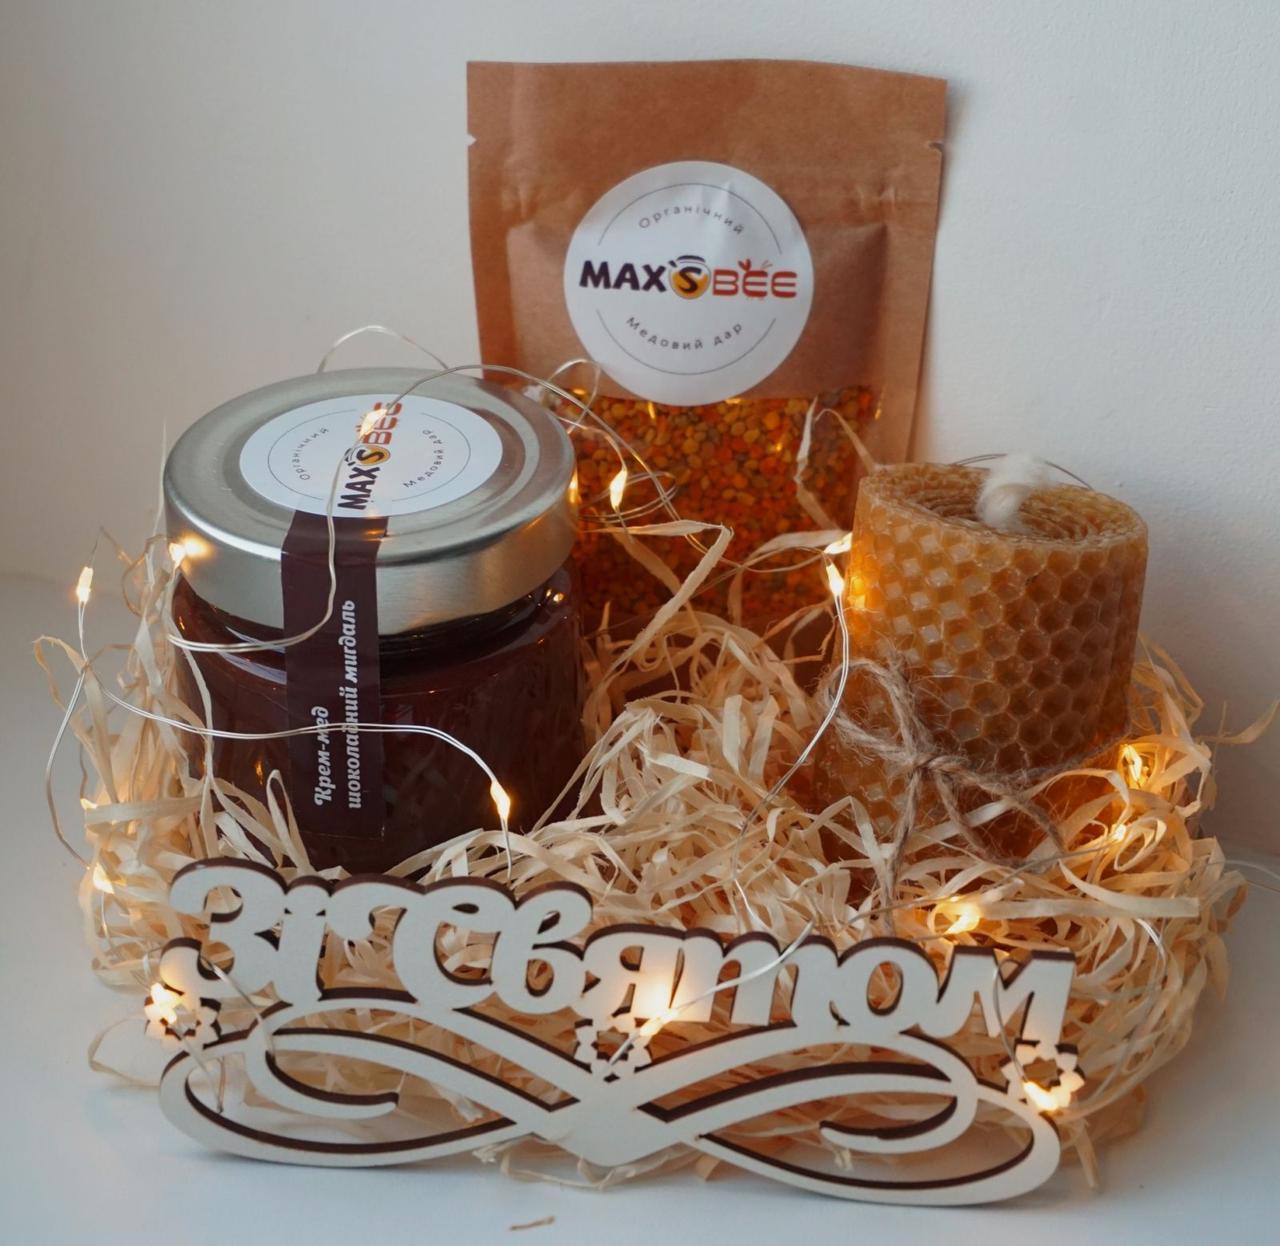 Святковий Медовий Набір на День Народження від Maxs Bee: Крем-Мед Шоколад + Мигдаль, Свічка. Пилок у подарунок